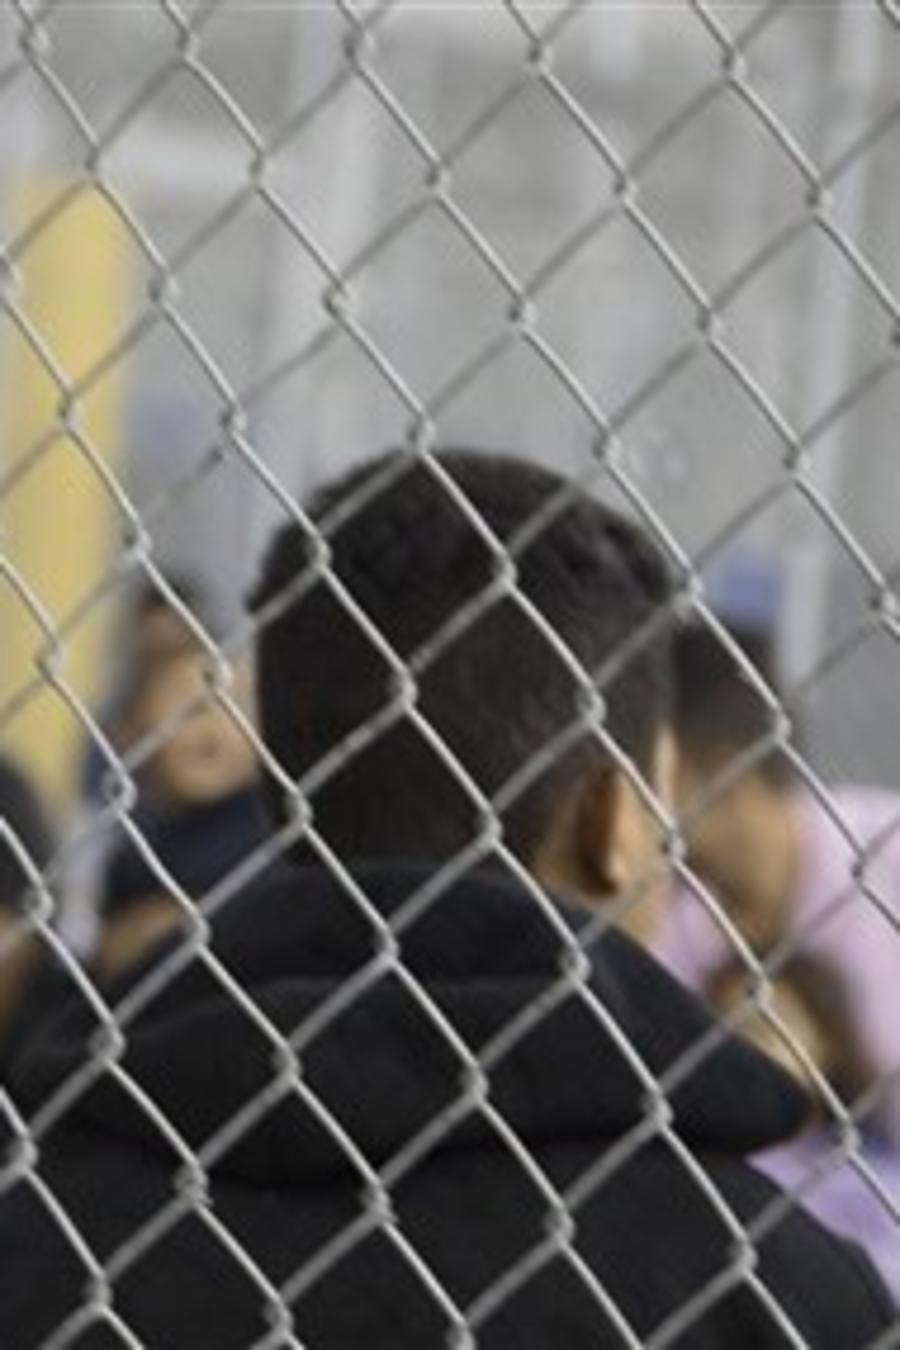 Inmigrantes detenidos en las instalaciones de 'Usrula', el centro de procesamiento de indocumentados más grande de EEUU localizado en McAllen, Texas.